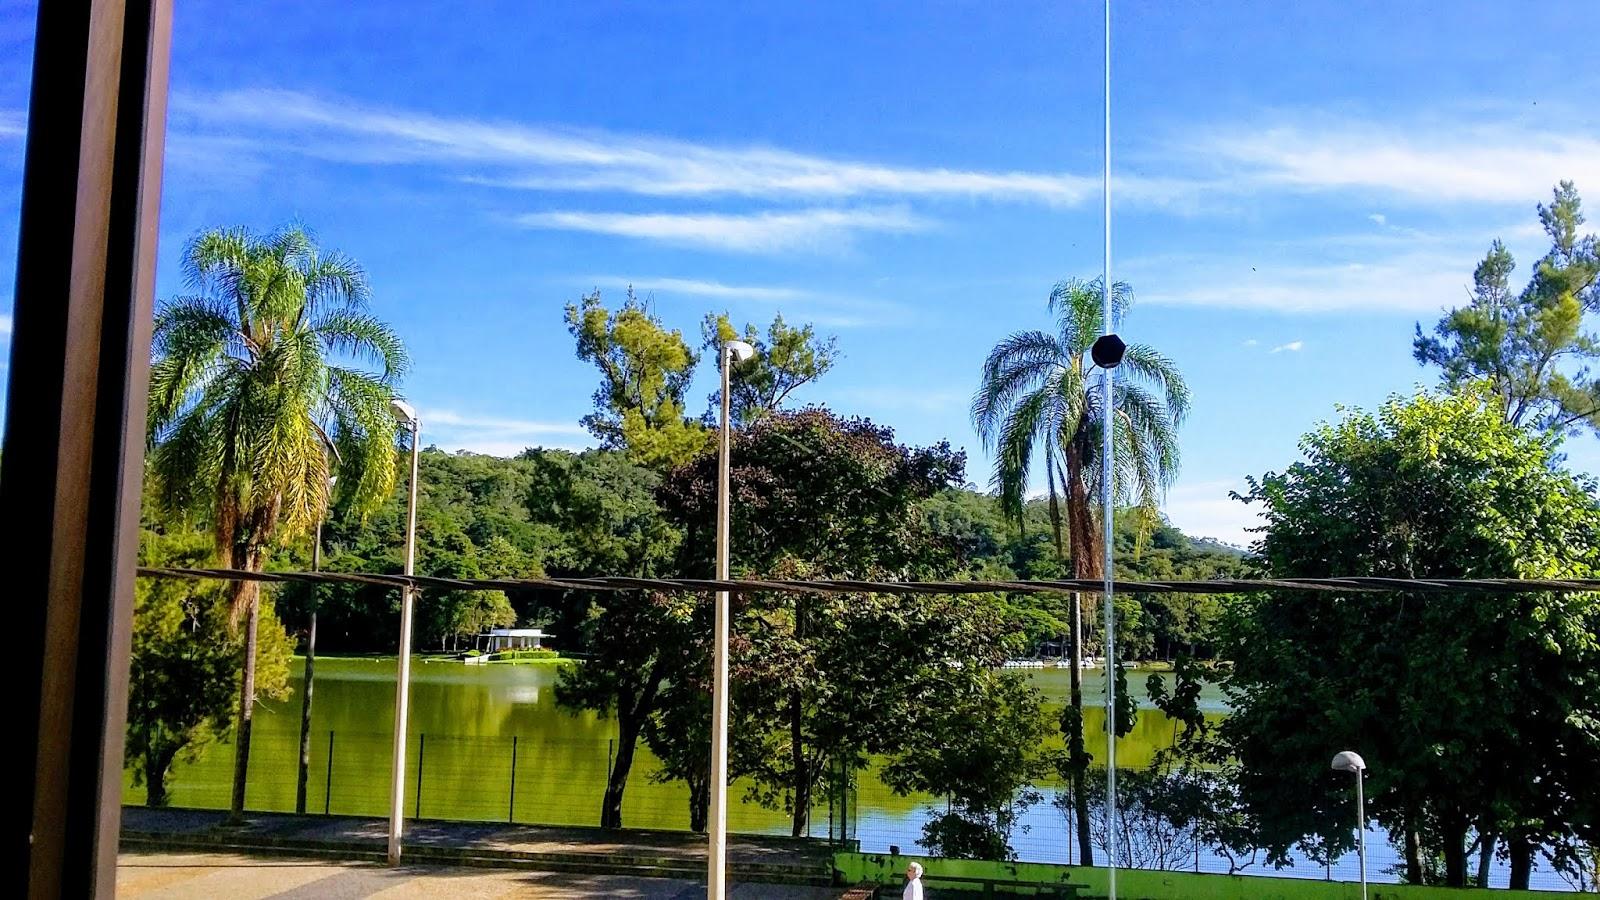 Visão para o Parque das Águas a partir do janelão do Salão do café da manhã do Hotel Central Parque